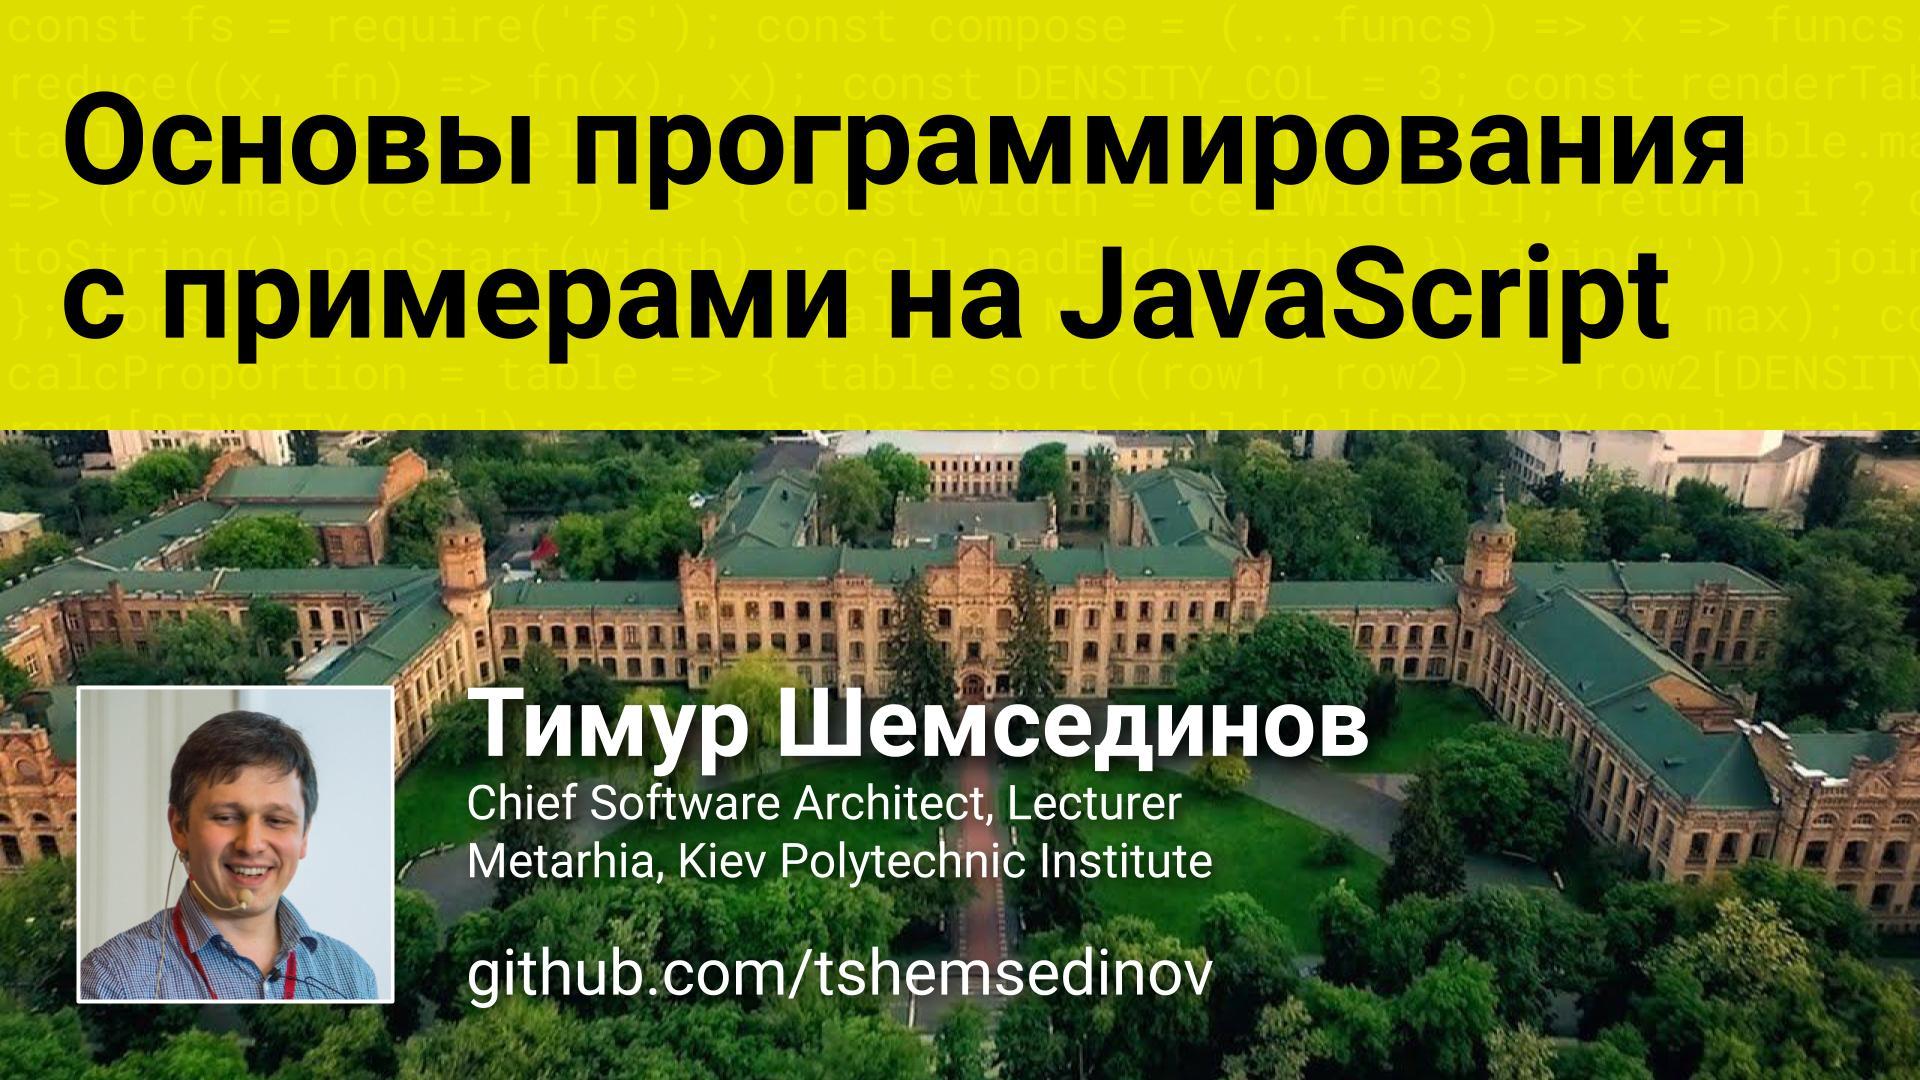 «Основы программирования» набор на бесплатный курс с примерами на JavaScript